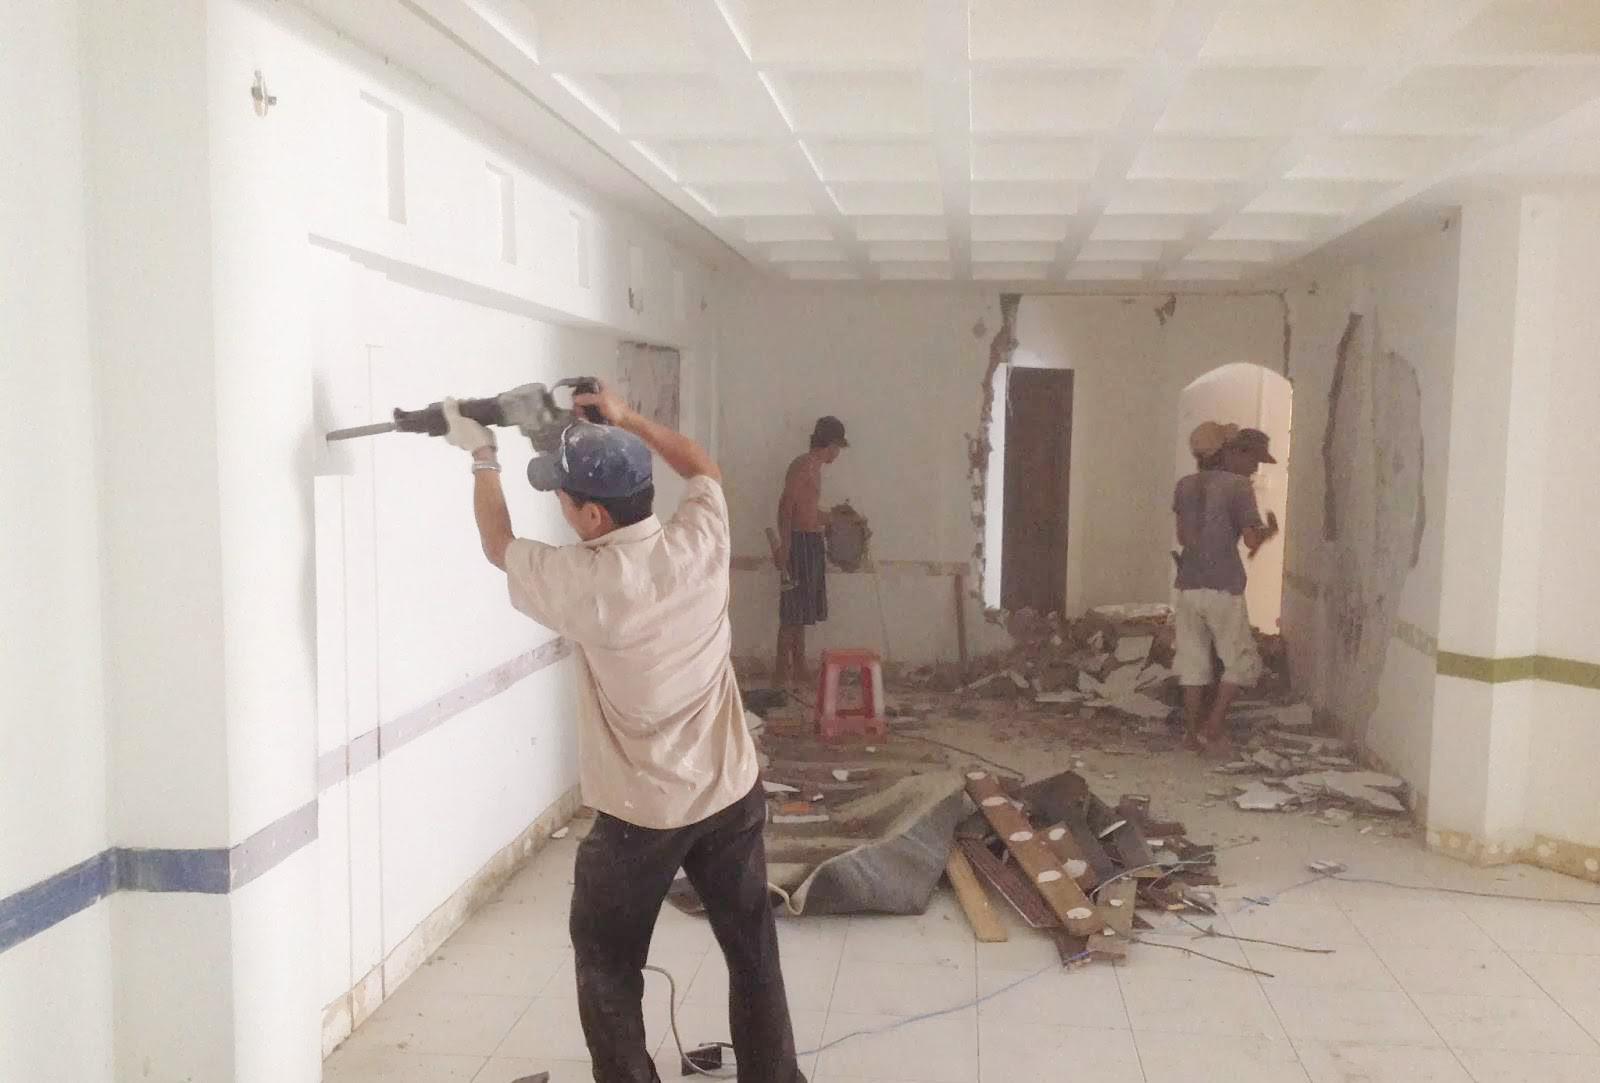 Chia sẻ kinh nghiệm khi sửa chữa căn hộ chung cư